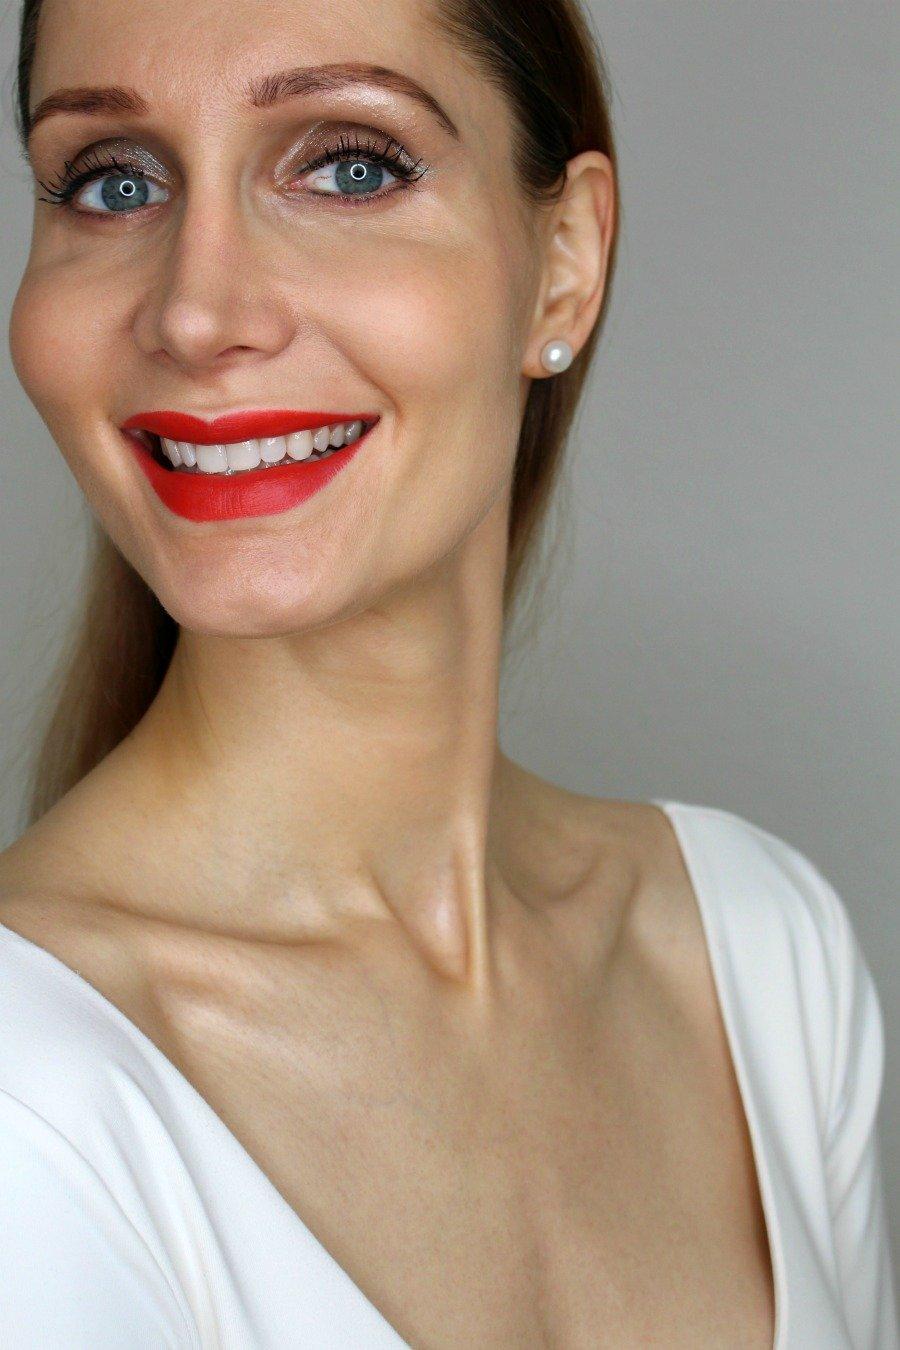 Zahnpflege Tipps, natürlich weiße Zähne bekommen, weiße Zähne ohne Bleaching, richtig Zähne putzen für weiße Zähne, Schallzahnbürste Philips Sonicare Flexcare Platinum, welche Aufsteckbürste für Sonicare, Philips Sonicare Premium Plaque Defence, warum ist Zahnseide so wichtig, welche Zahnseide ist die beste, Elmex Gelee nach dem Zähneputzen, Elmex Intensivreinigung Anwendung, Mundhöhlen Antiseptikum, Chlorhexamed Forte, Super Twins Zahnpflege, Super Twins Annalena und Magdalena